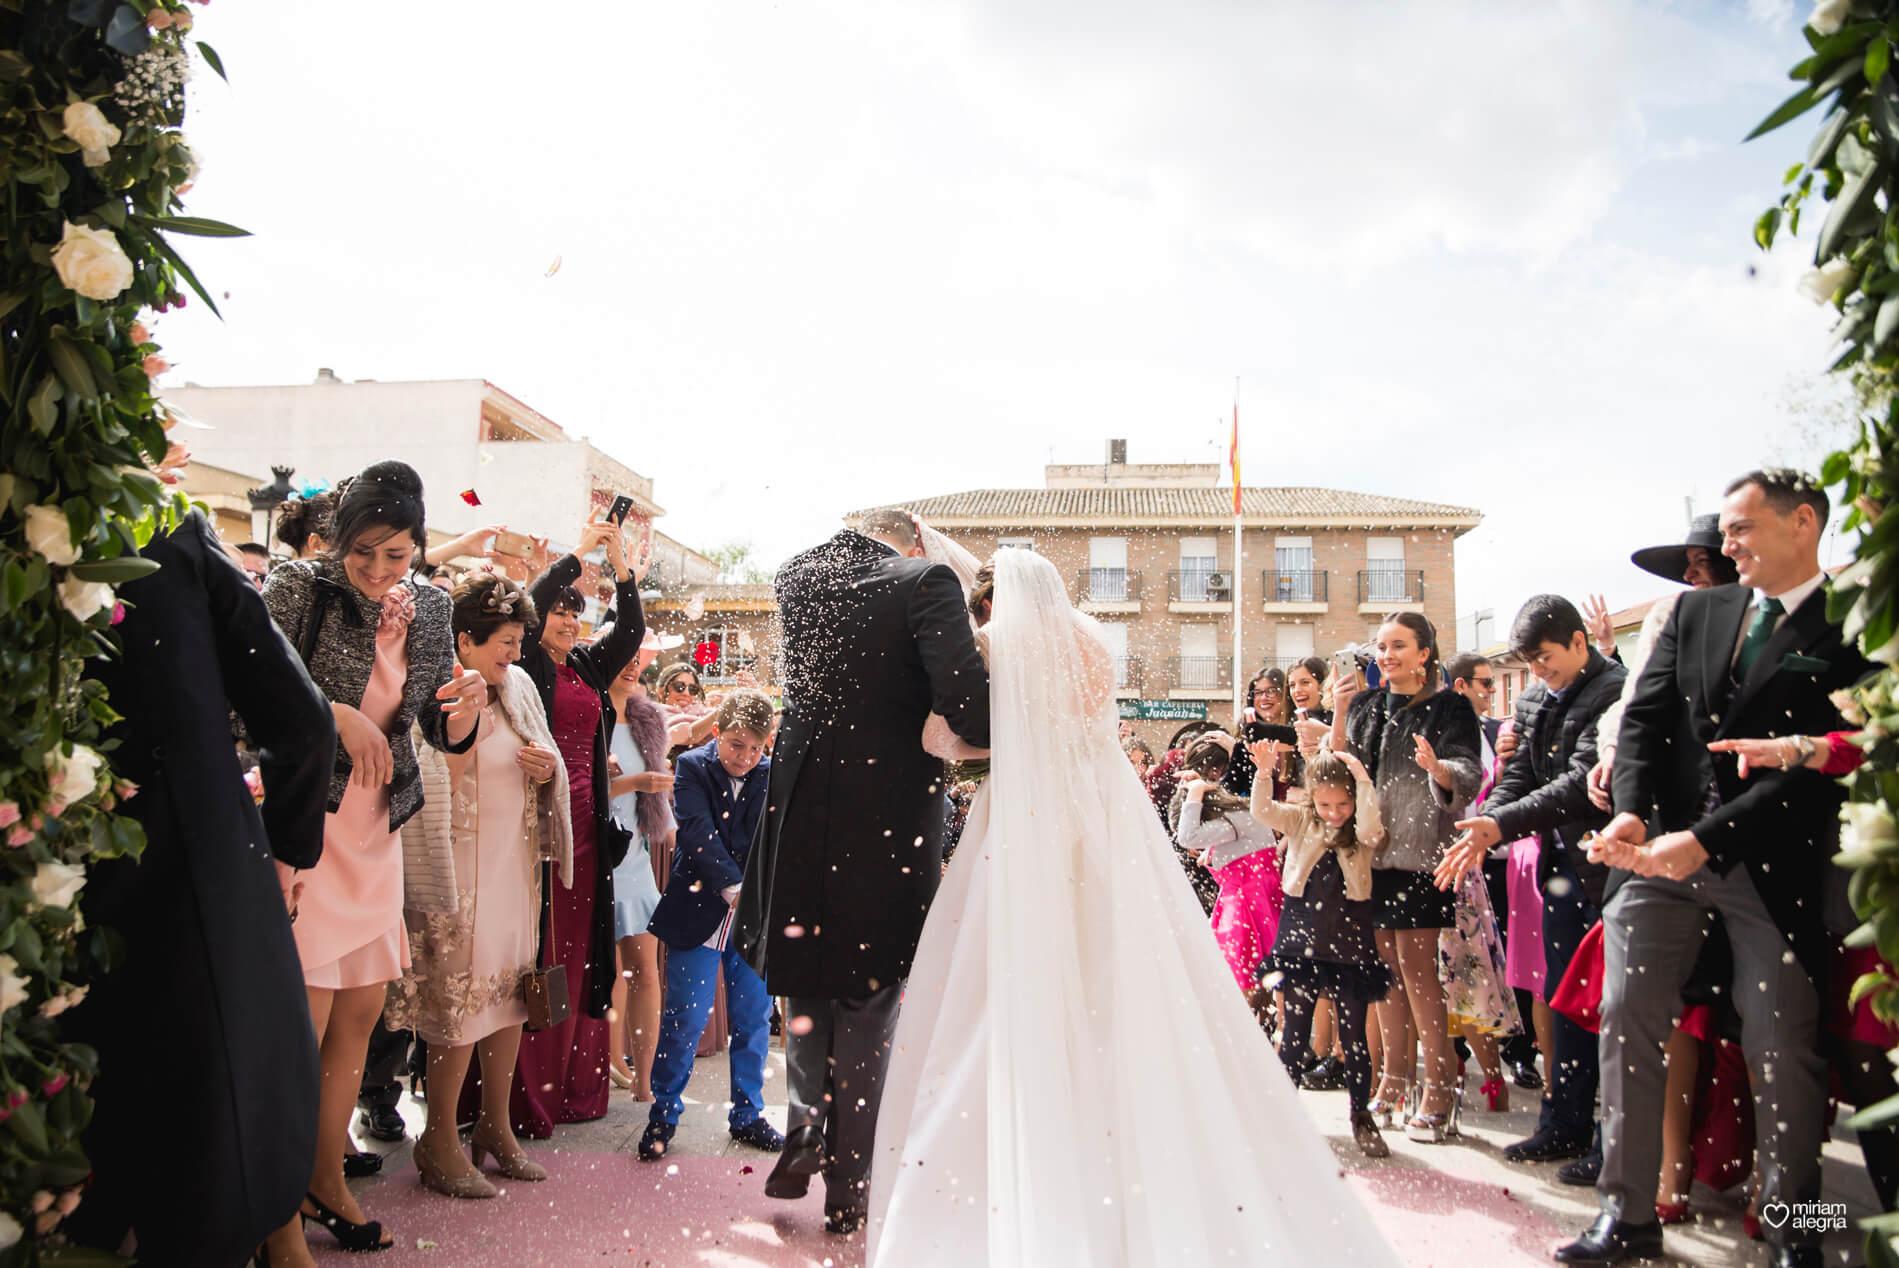 boda-en-el-rincon-huertano-miriam-alegria-fotografos-boda-murcia-90